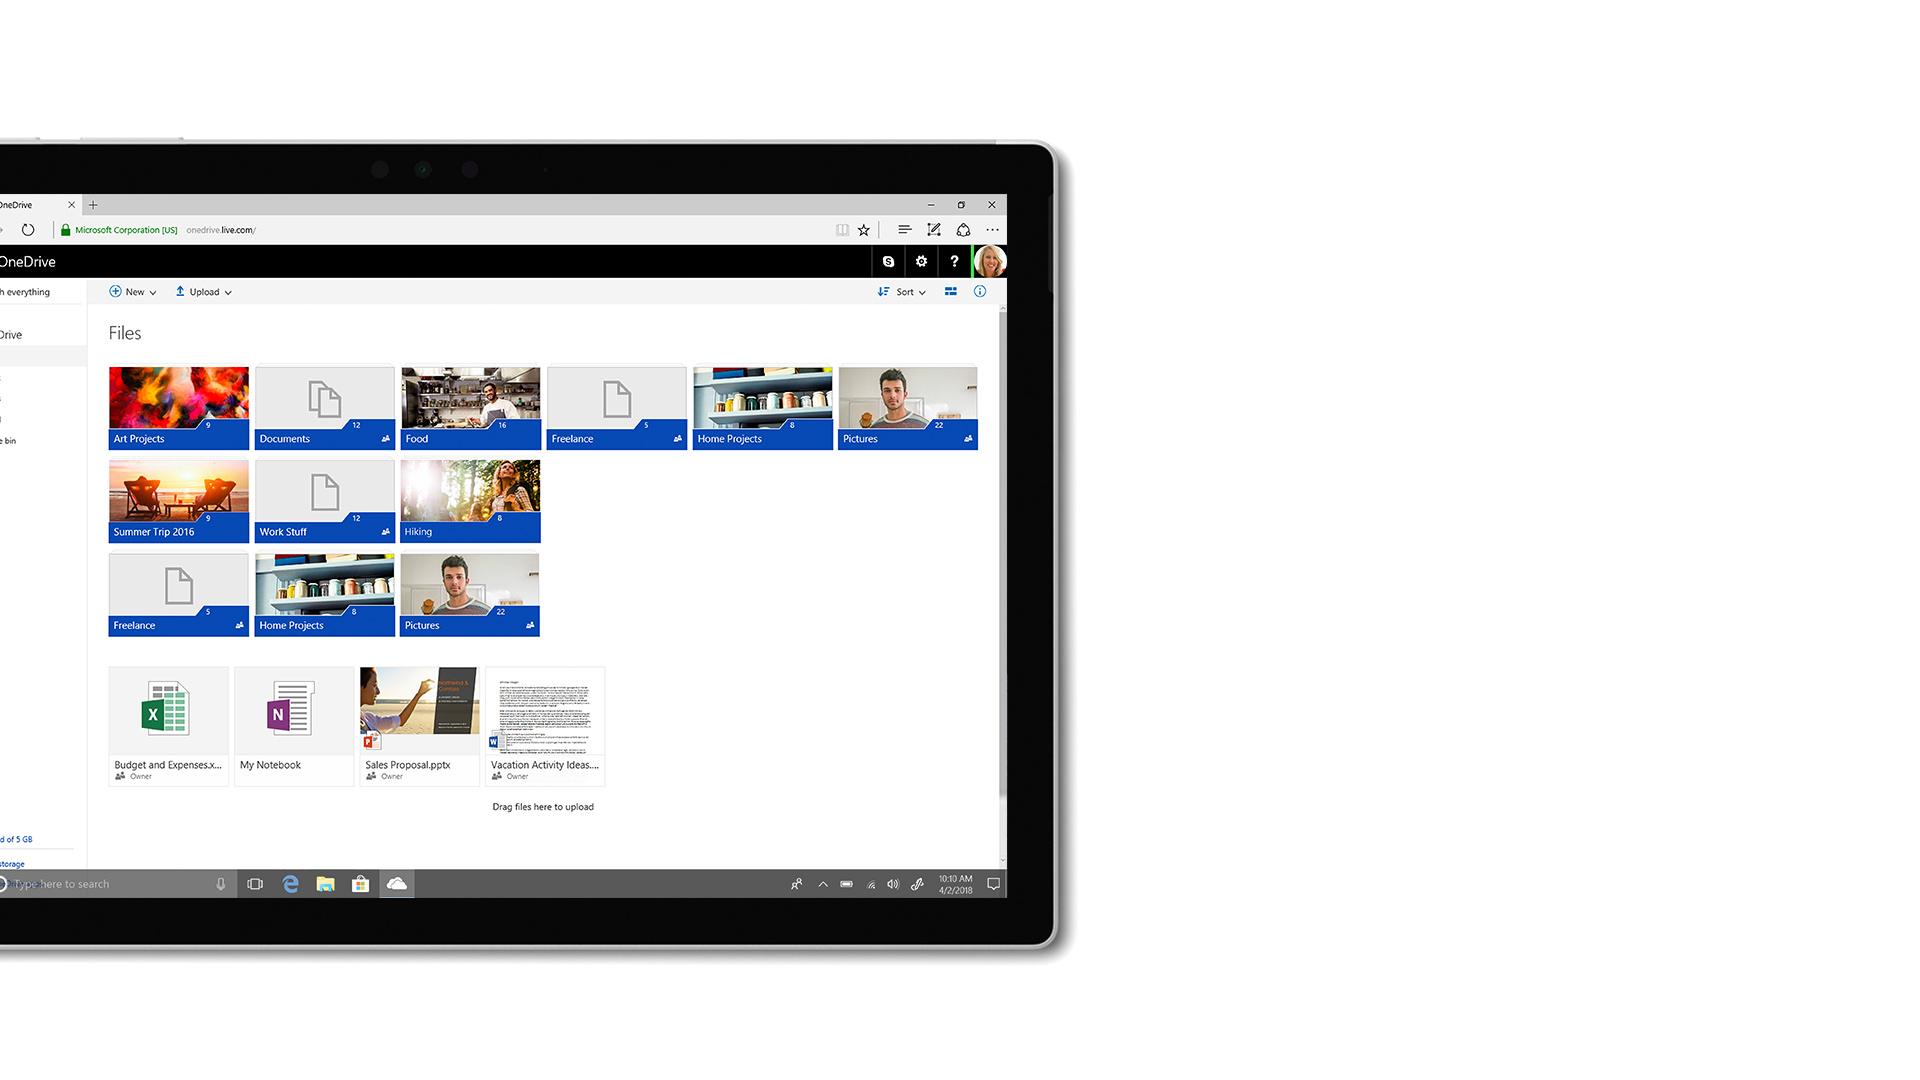 Obraz interfejsu użytkownika aplikacji Microsoft OneDrive